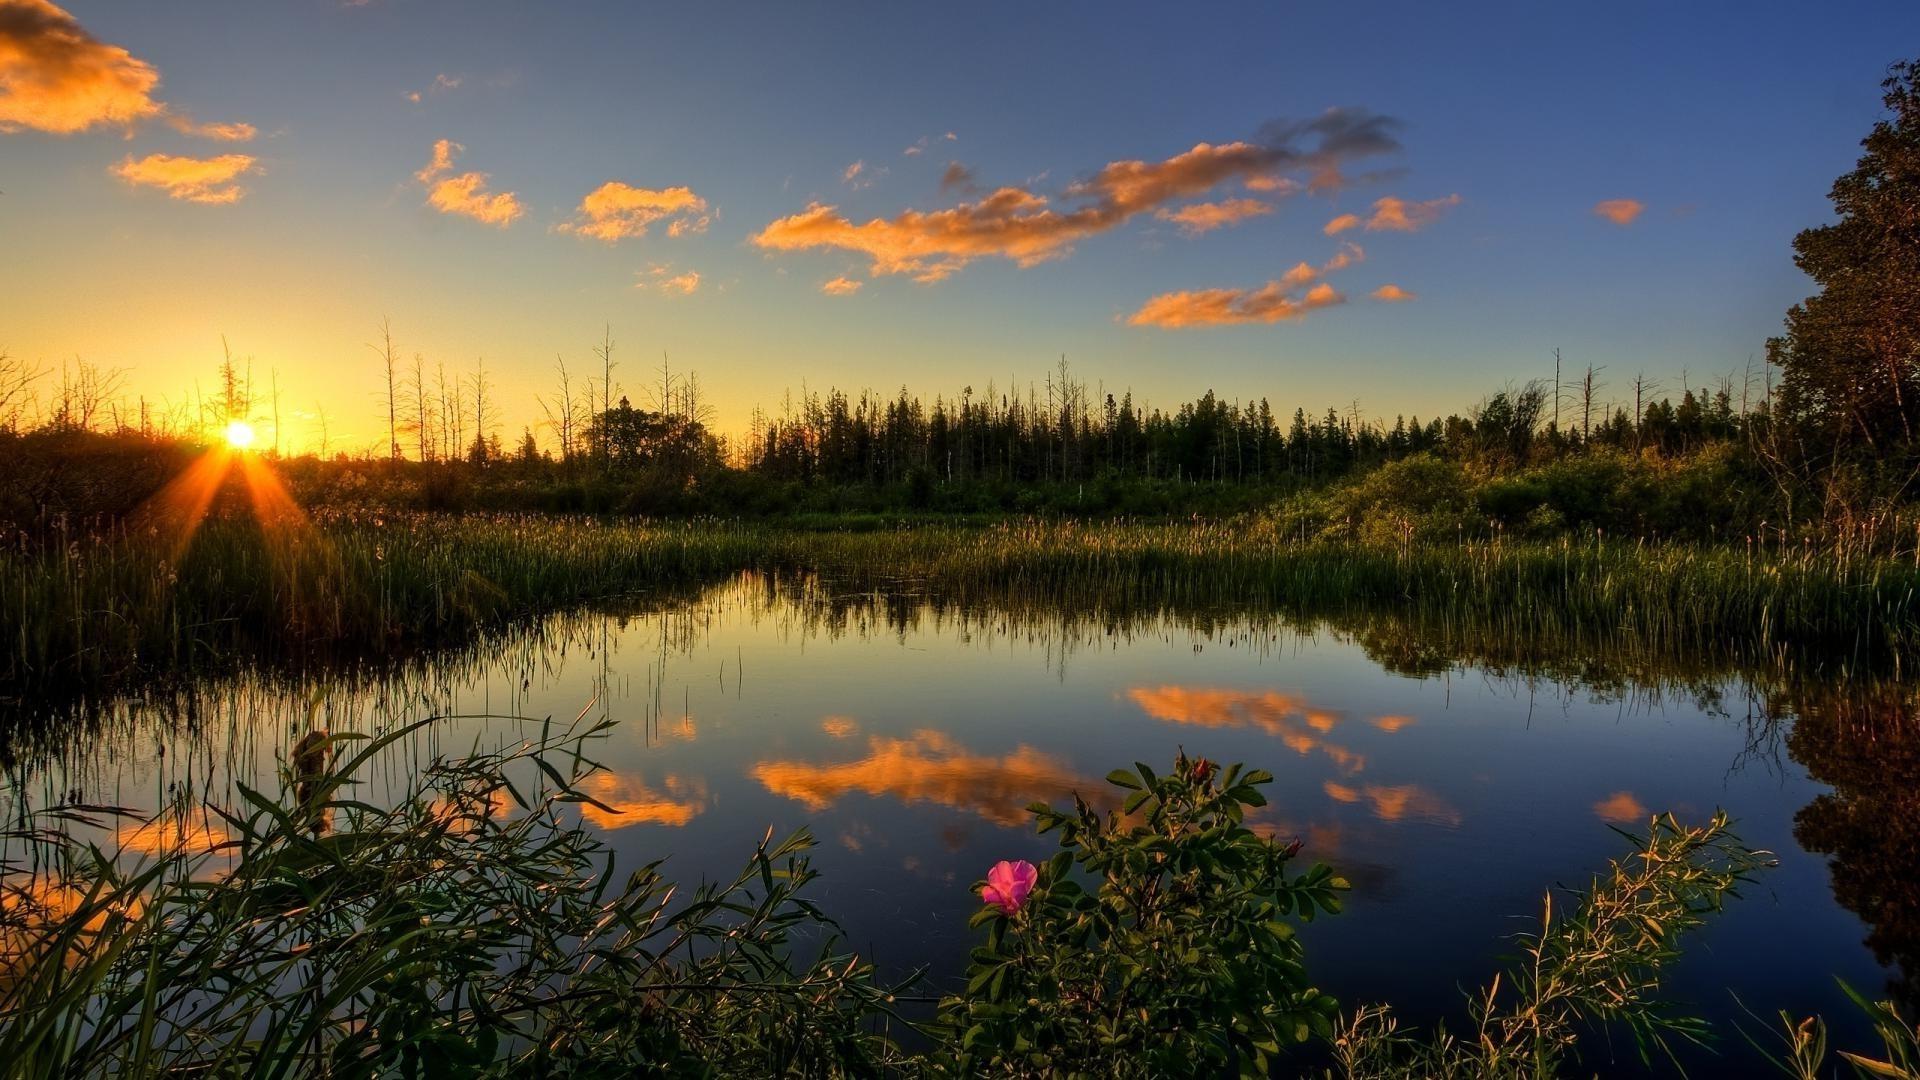 заболевание красивые картинки пейзаж закат техника, собранная